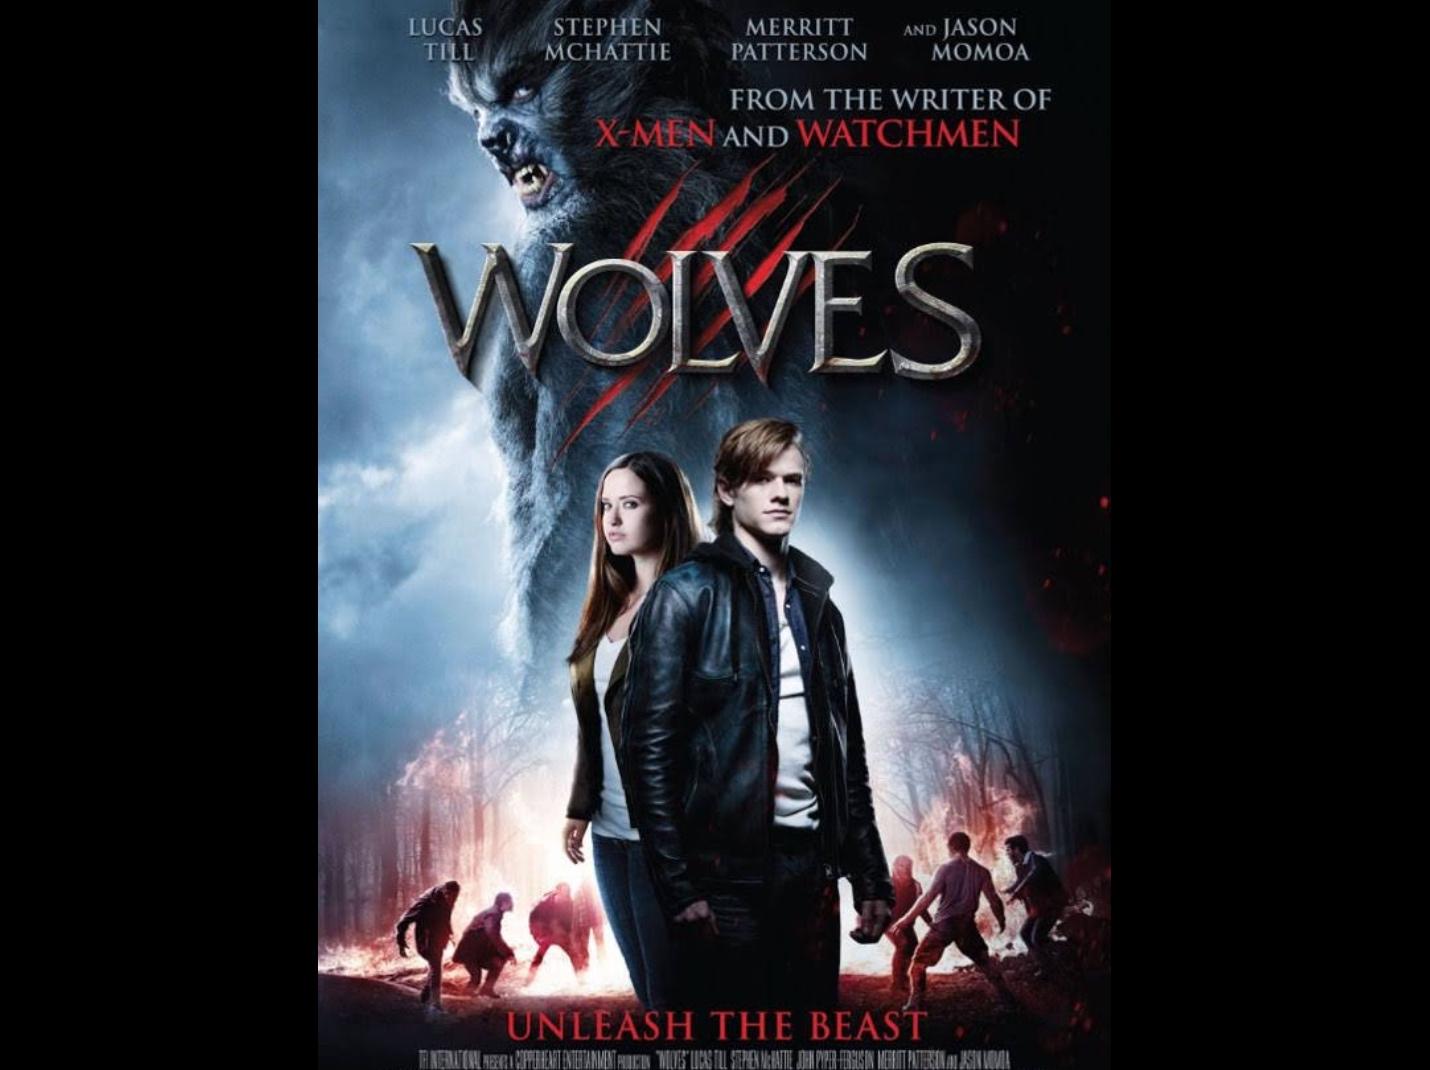 Wolves_Cover_Pic.jpg